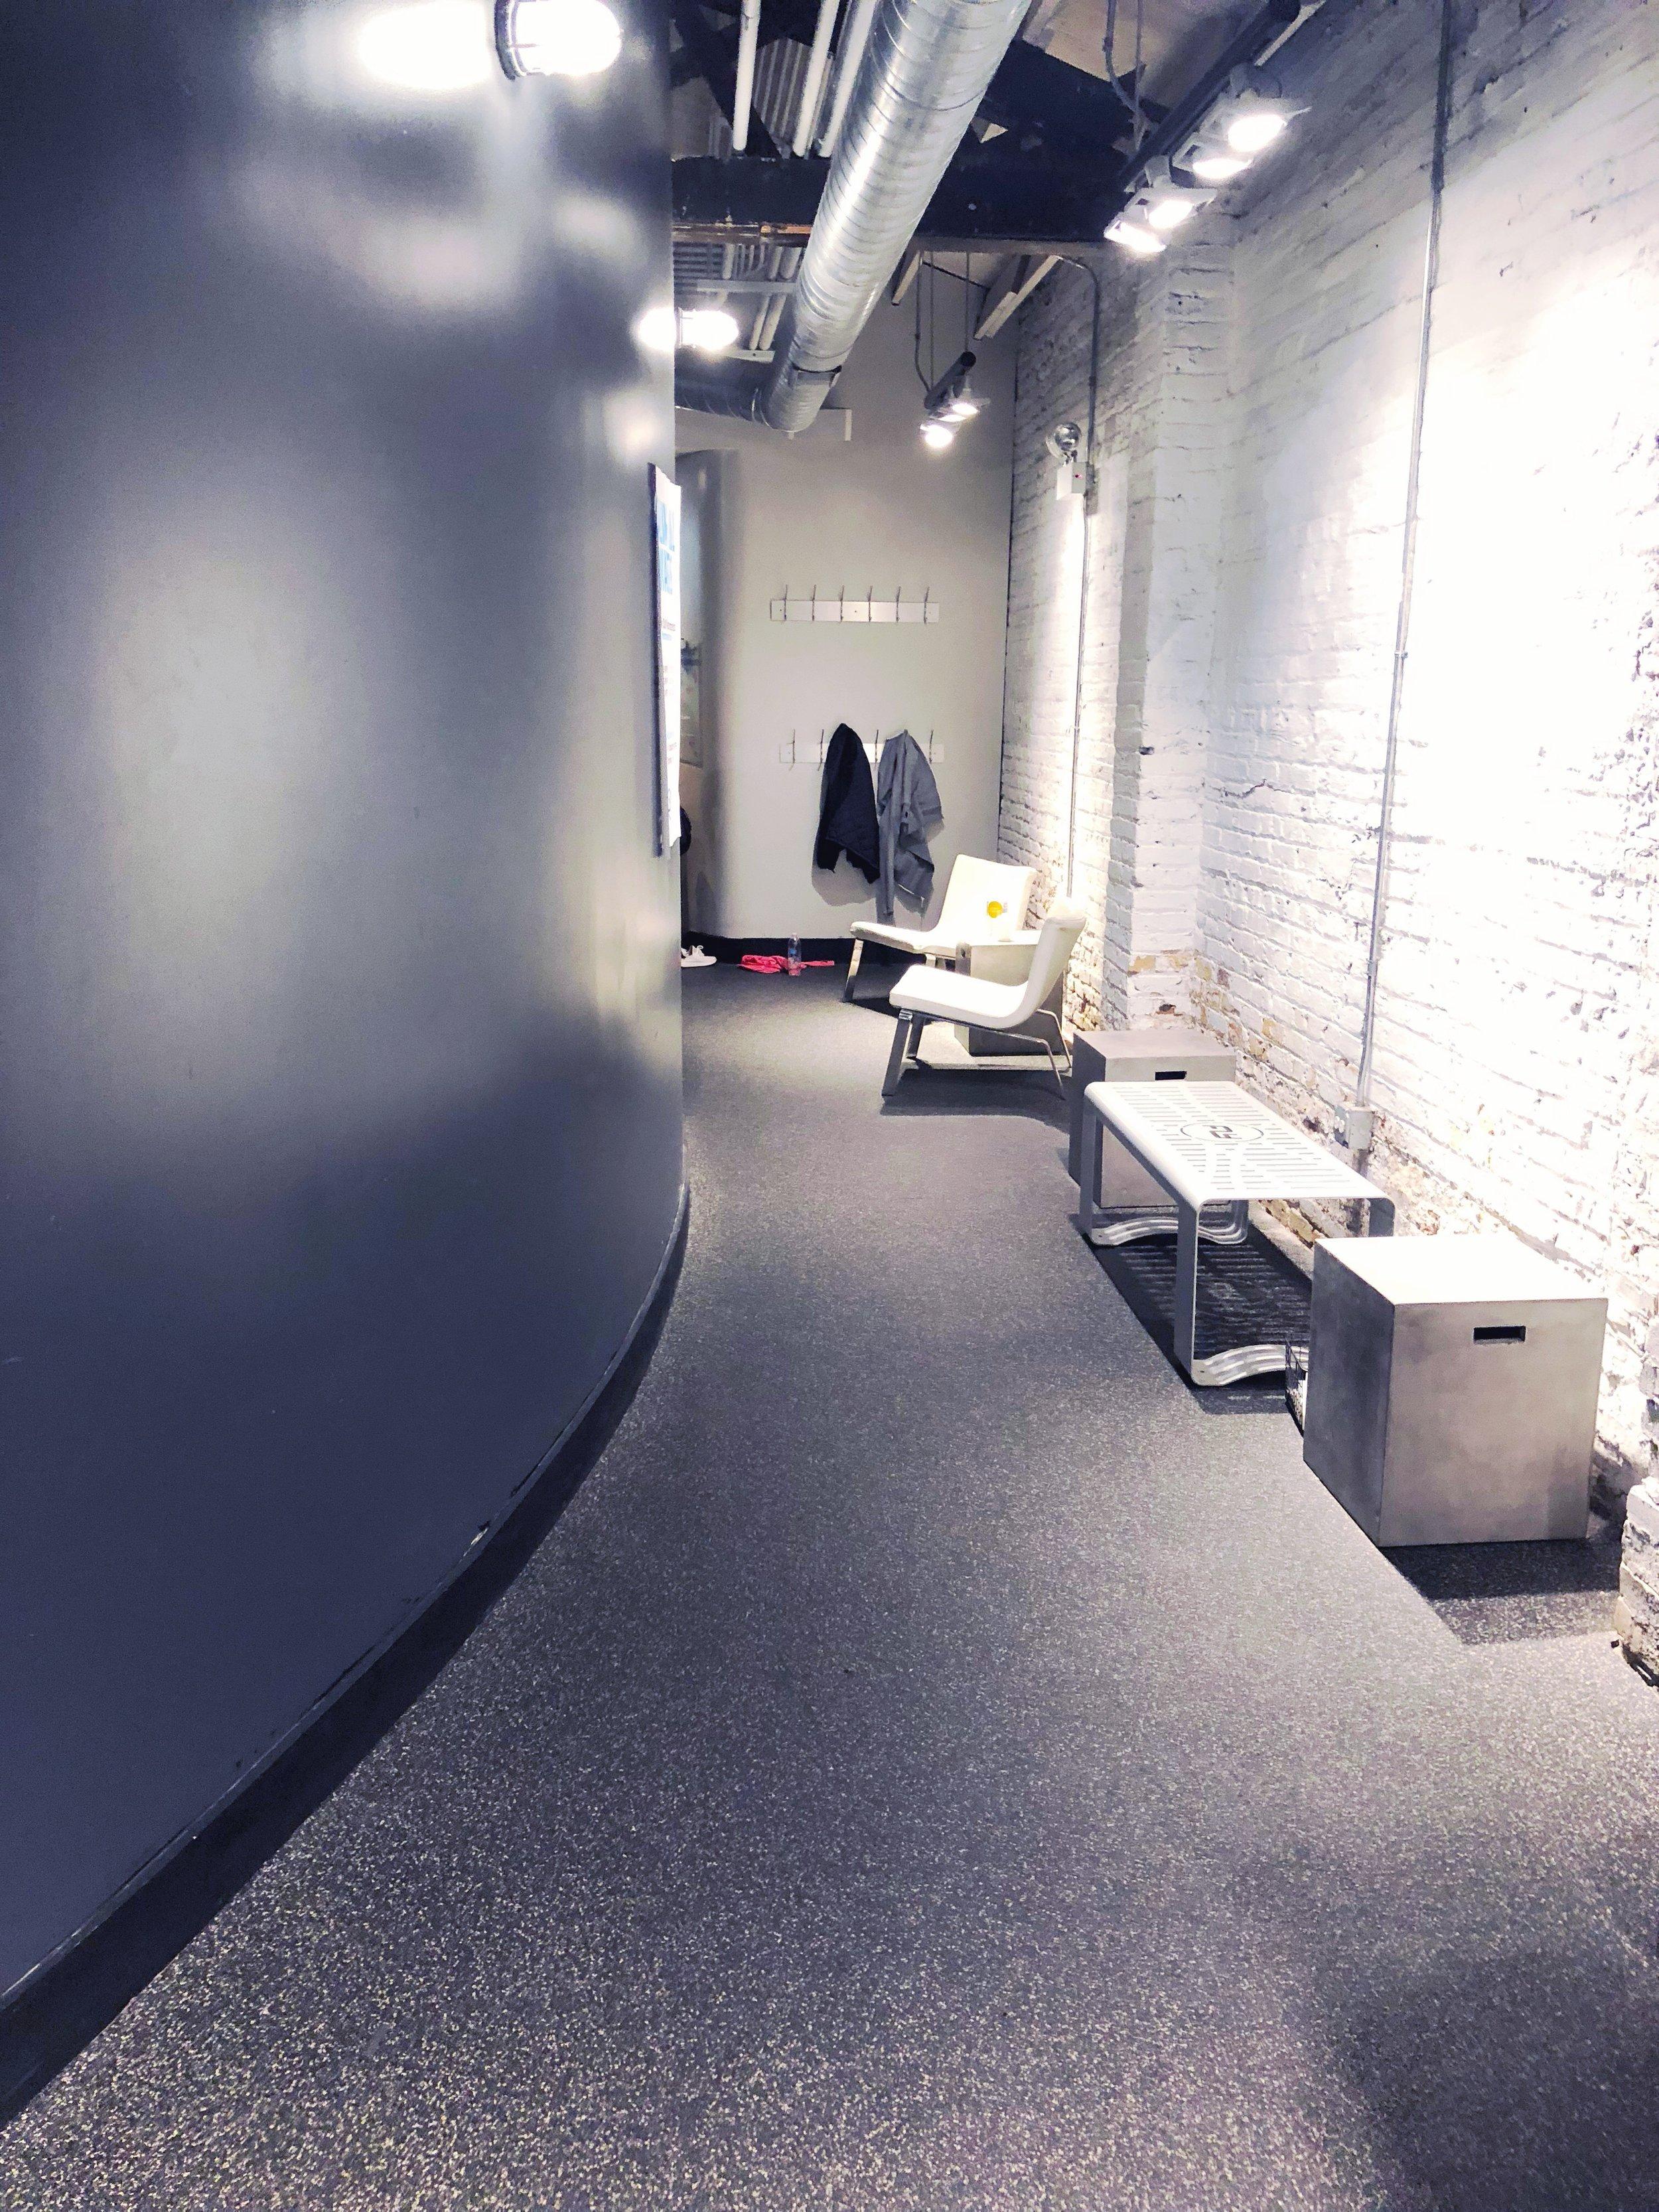 Flywheel studio in Chicago.